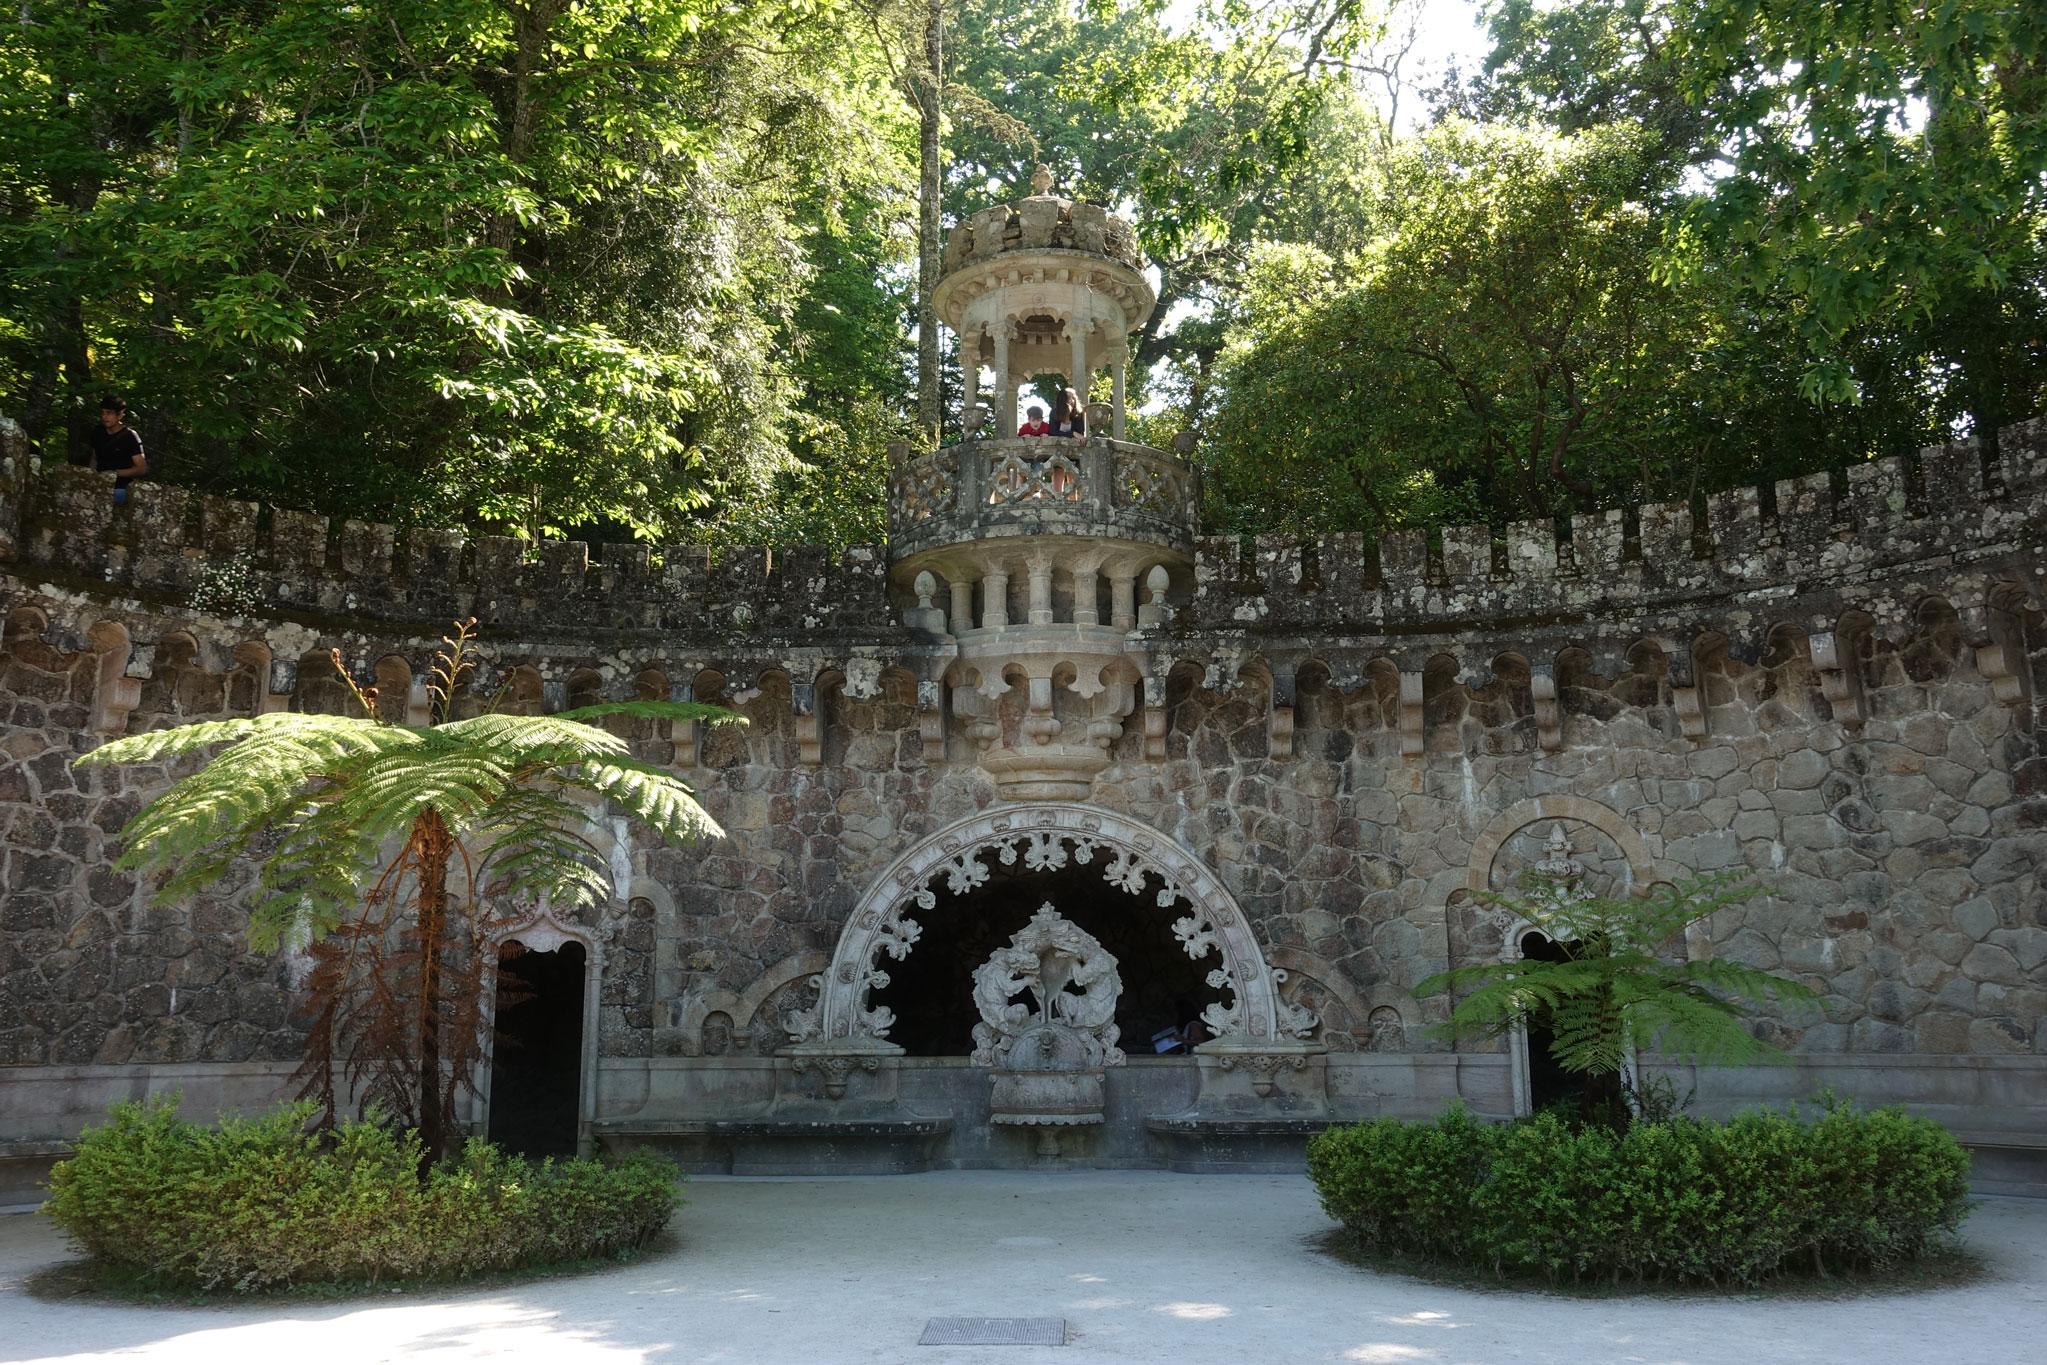 Le Palais de la Regaleira